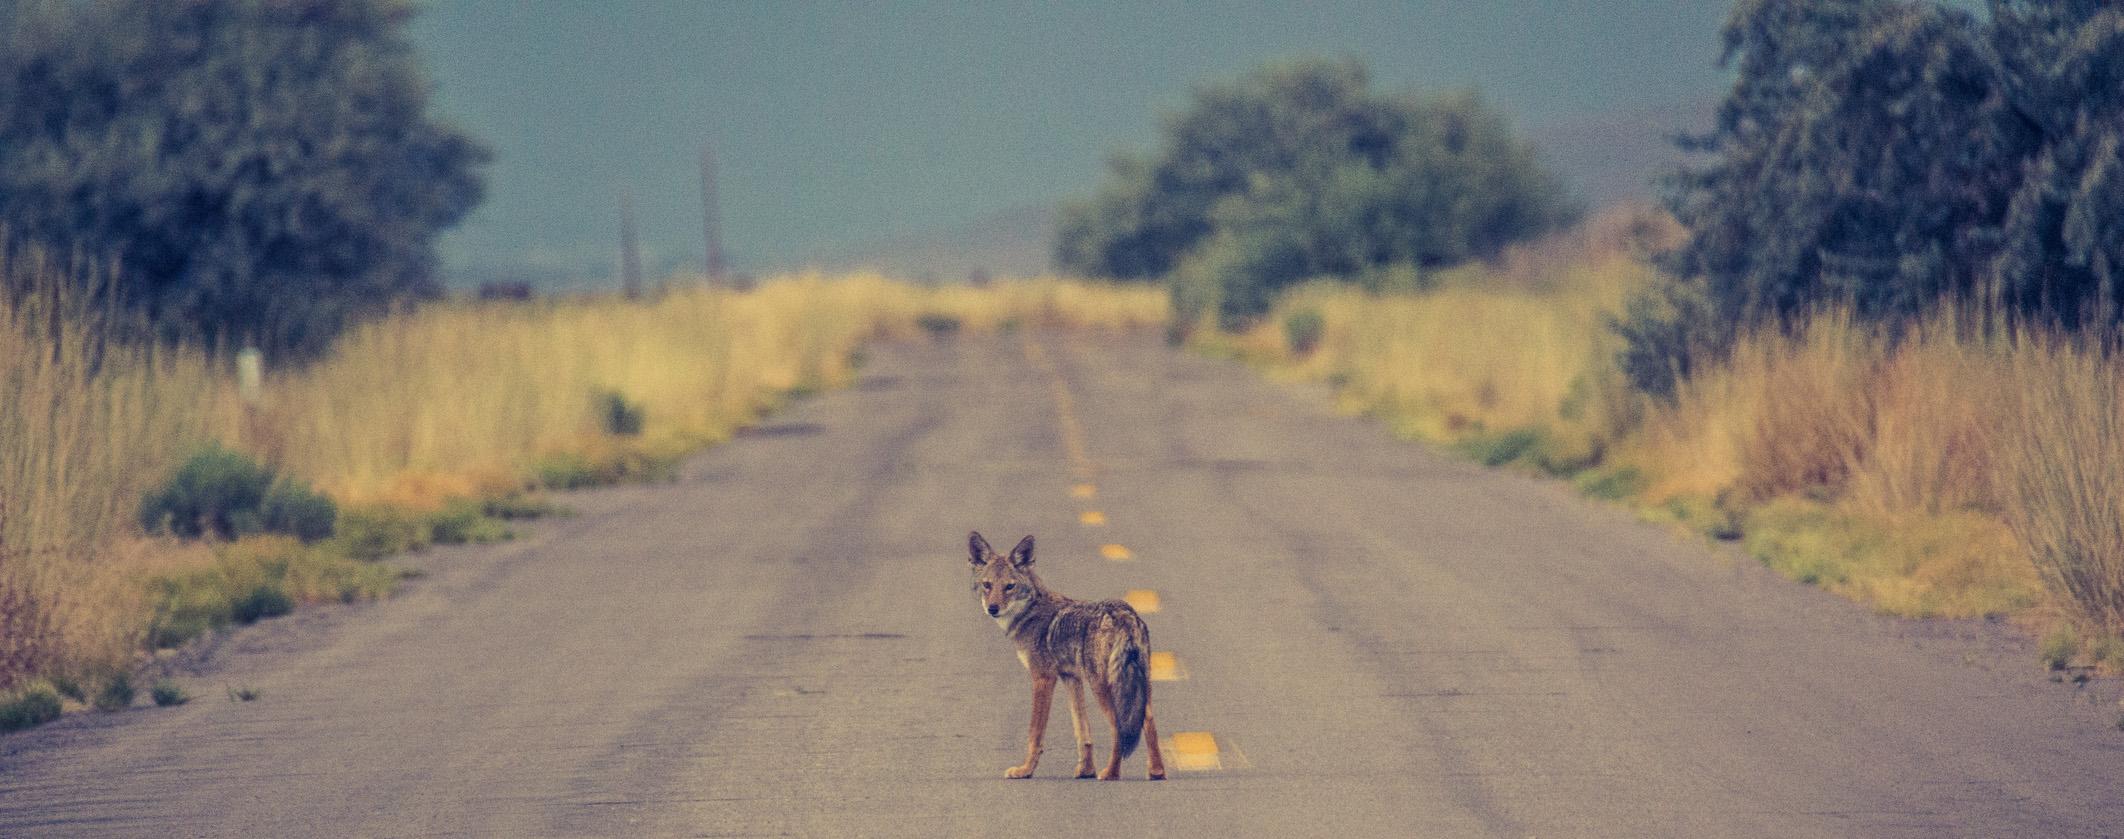 coyote_crop.jpg